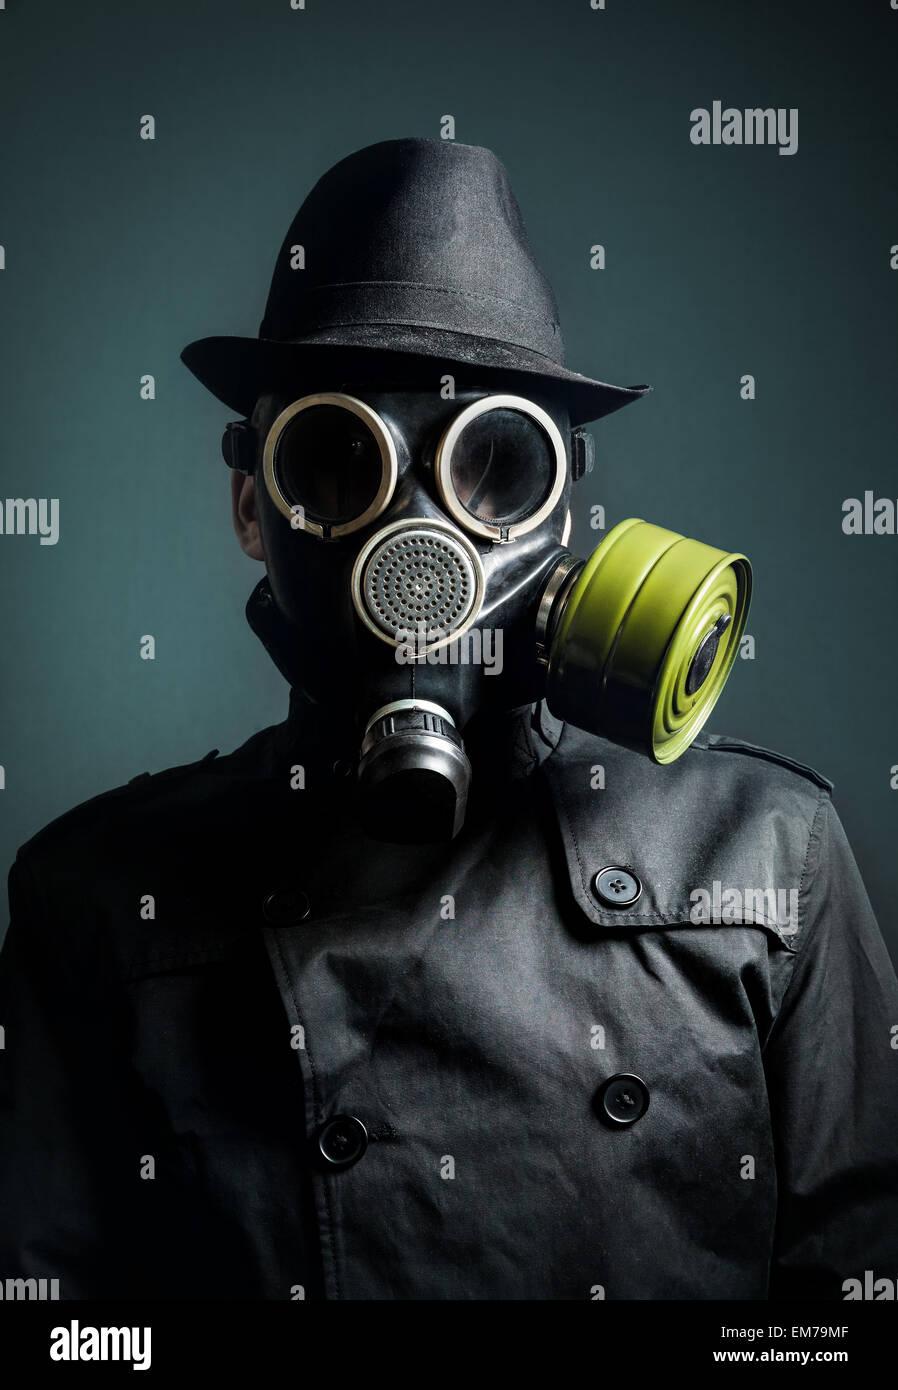 L'homme en masque à gaz, imperméable et chapeau noir à fond sombre Photo Stock